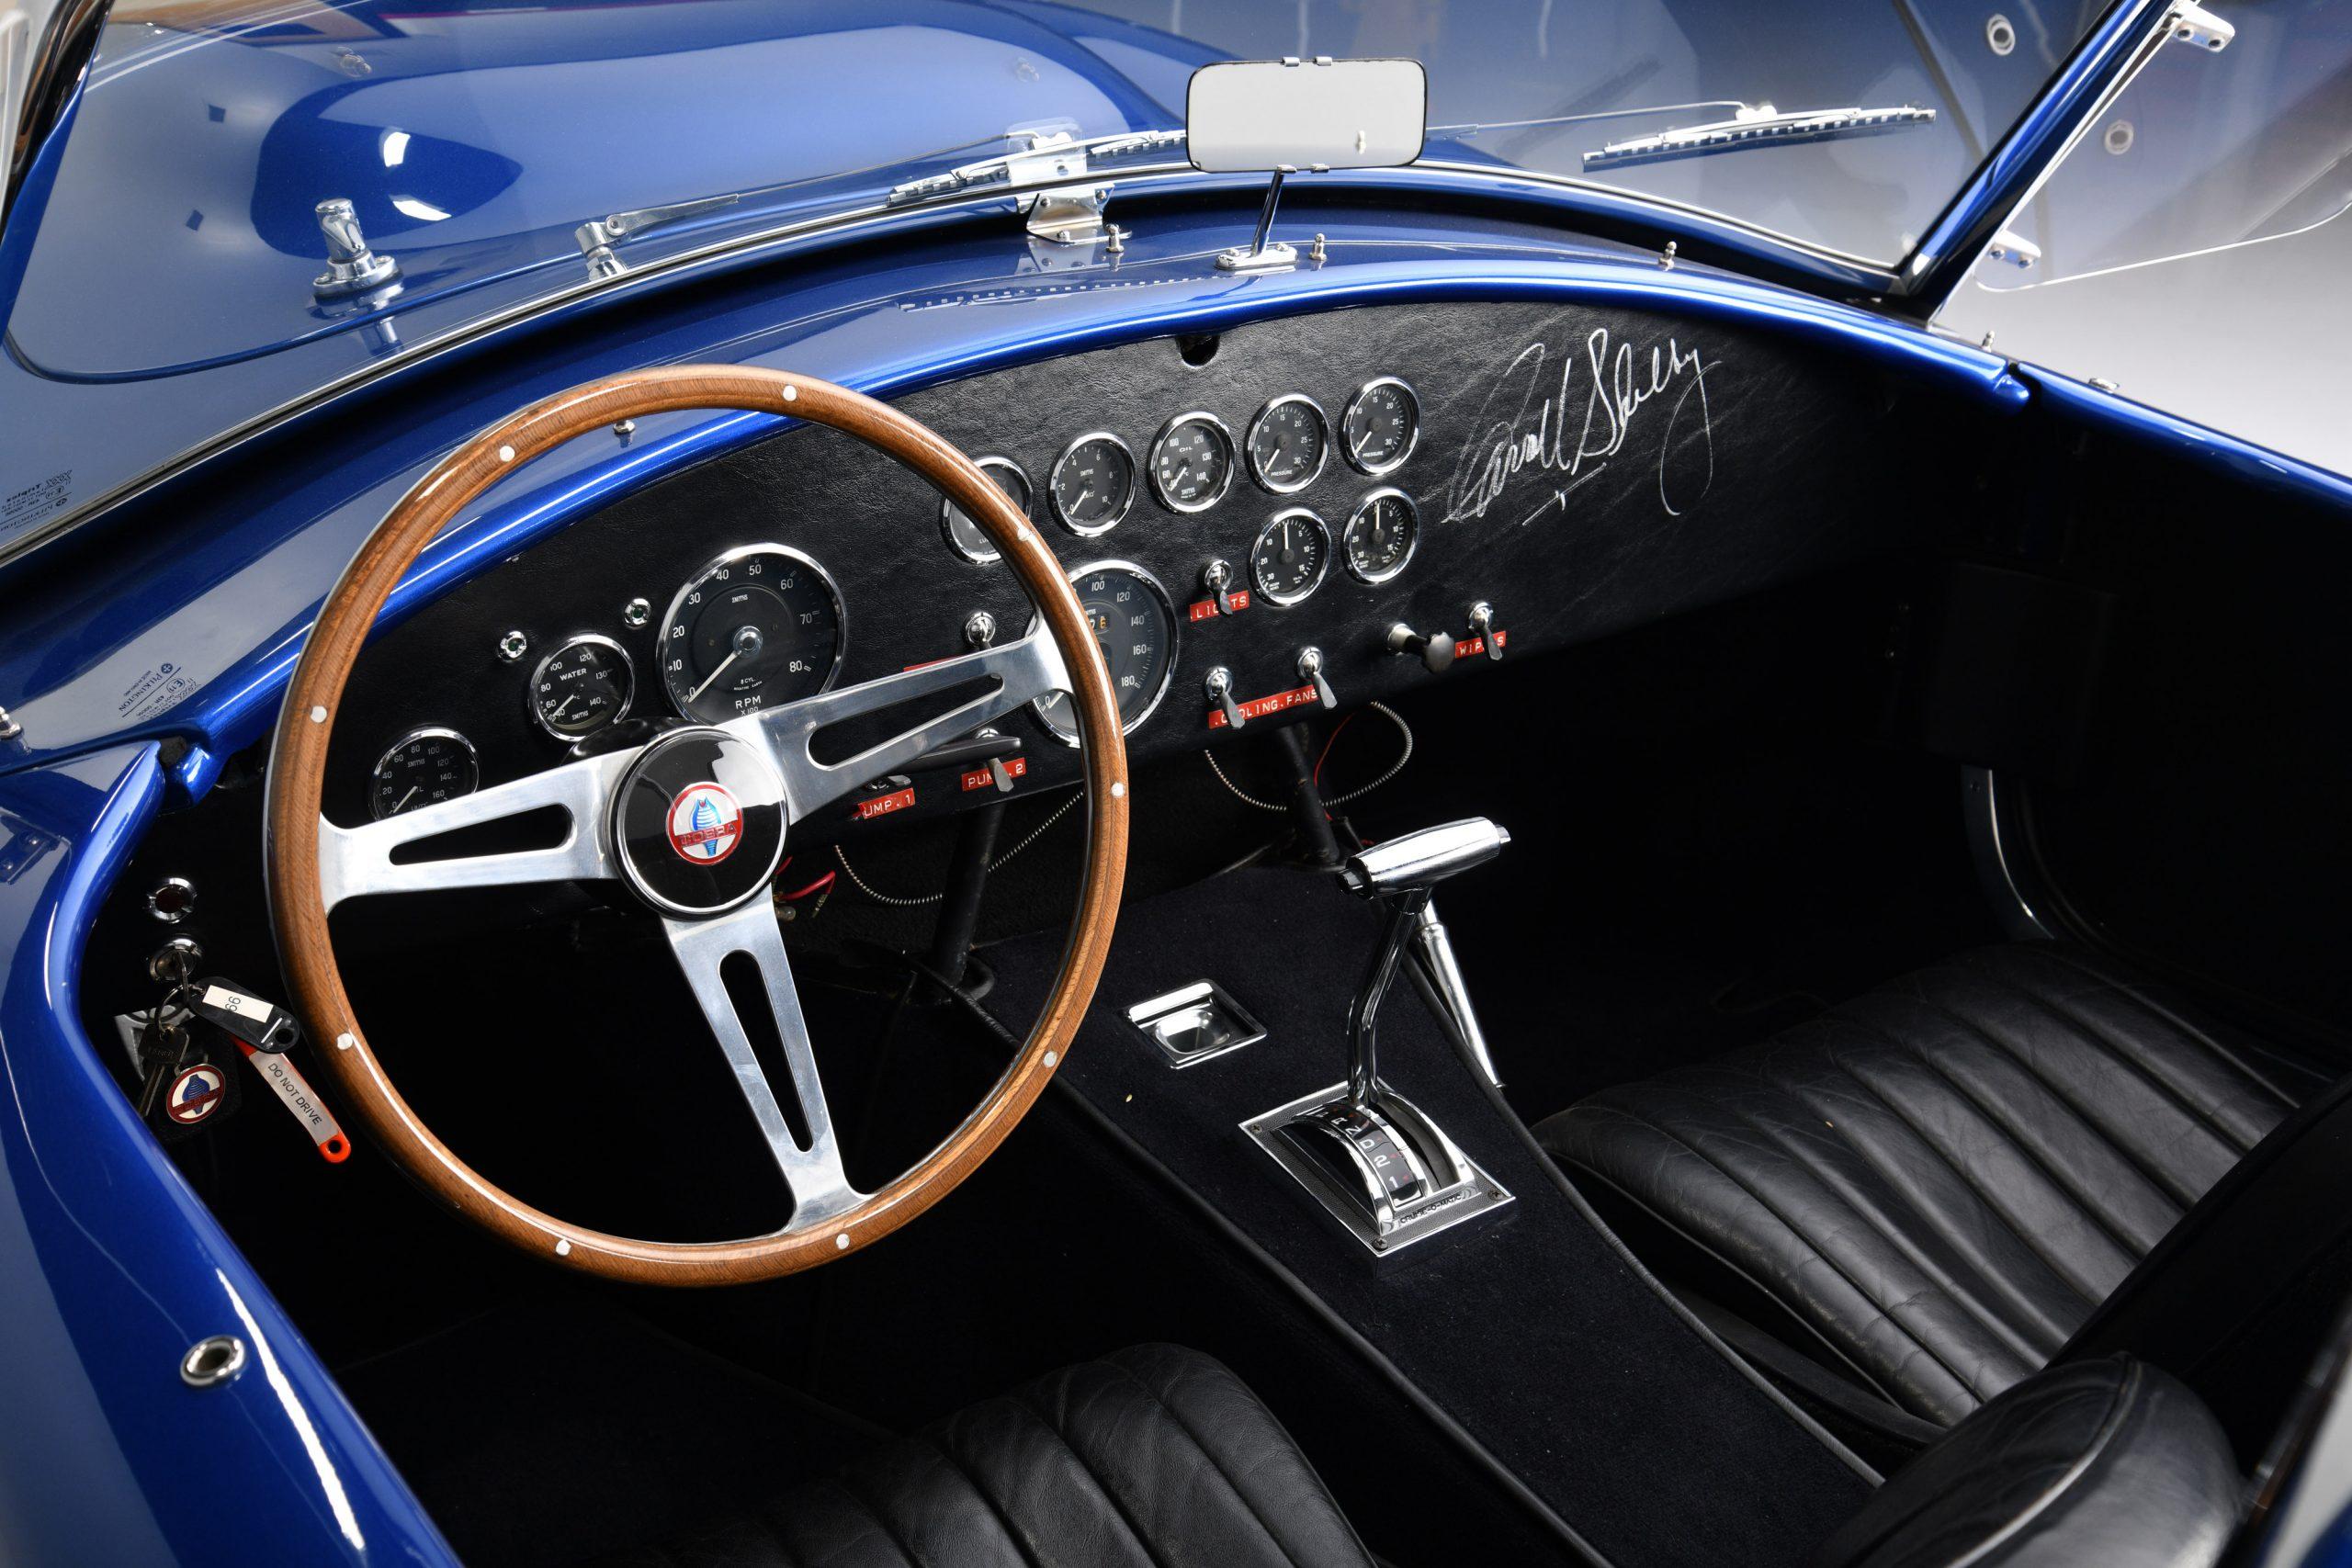 CSX 3015 Shelby Cobra interior